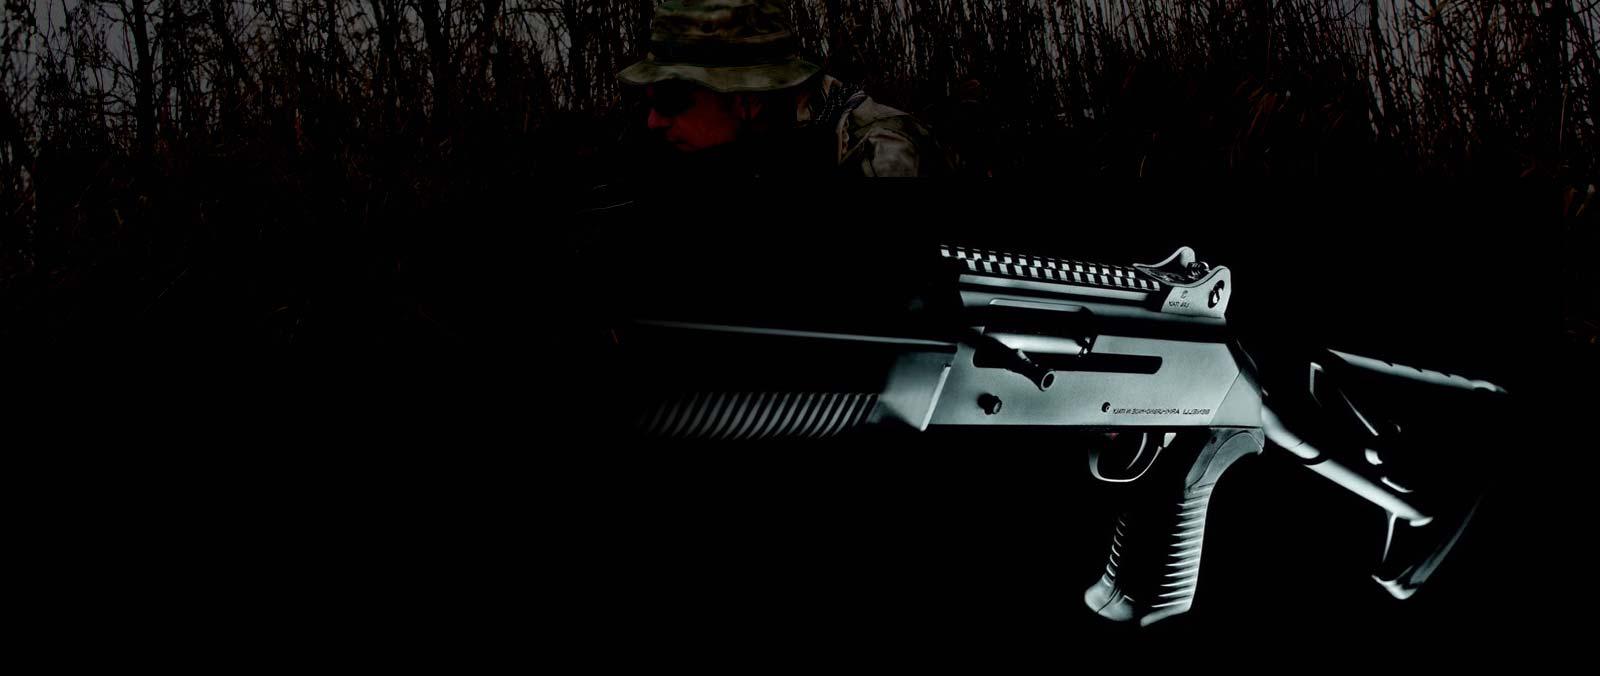 firearm, rifle, handgun, pistol, revolver, shotgun, AR15, parts, accessories